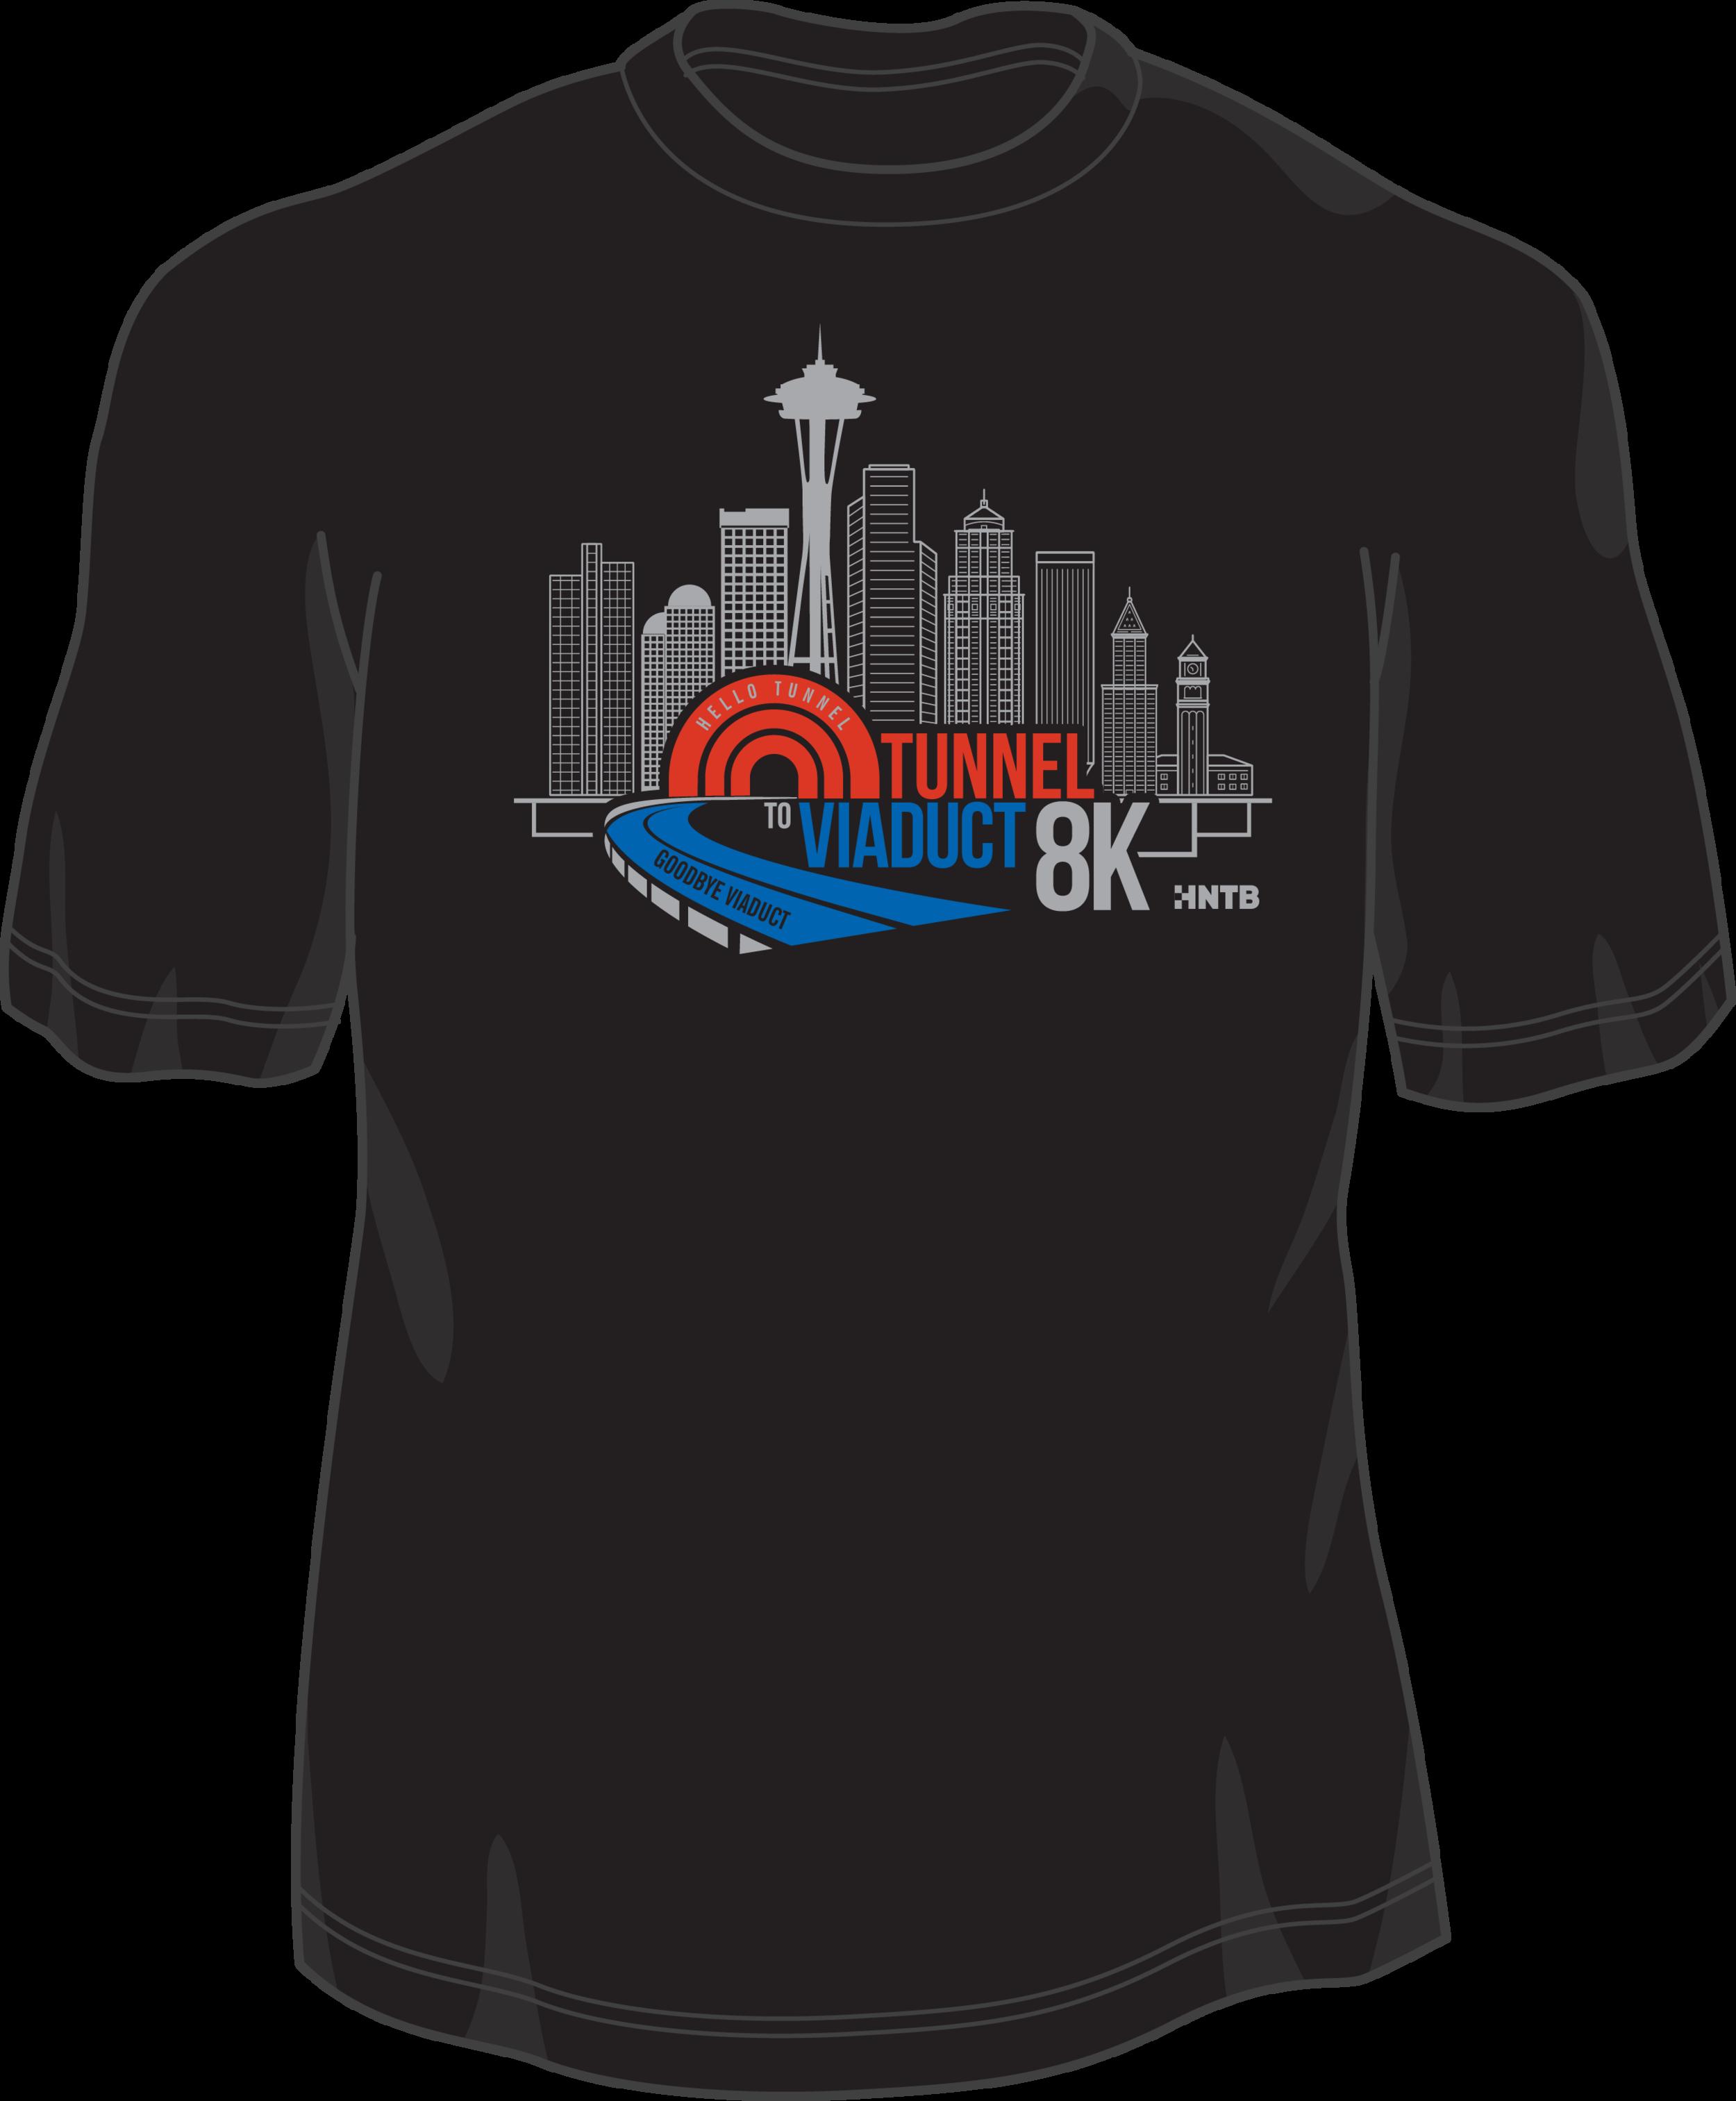 Participant Tech Shirt